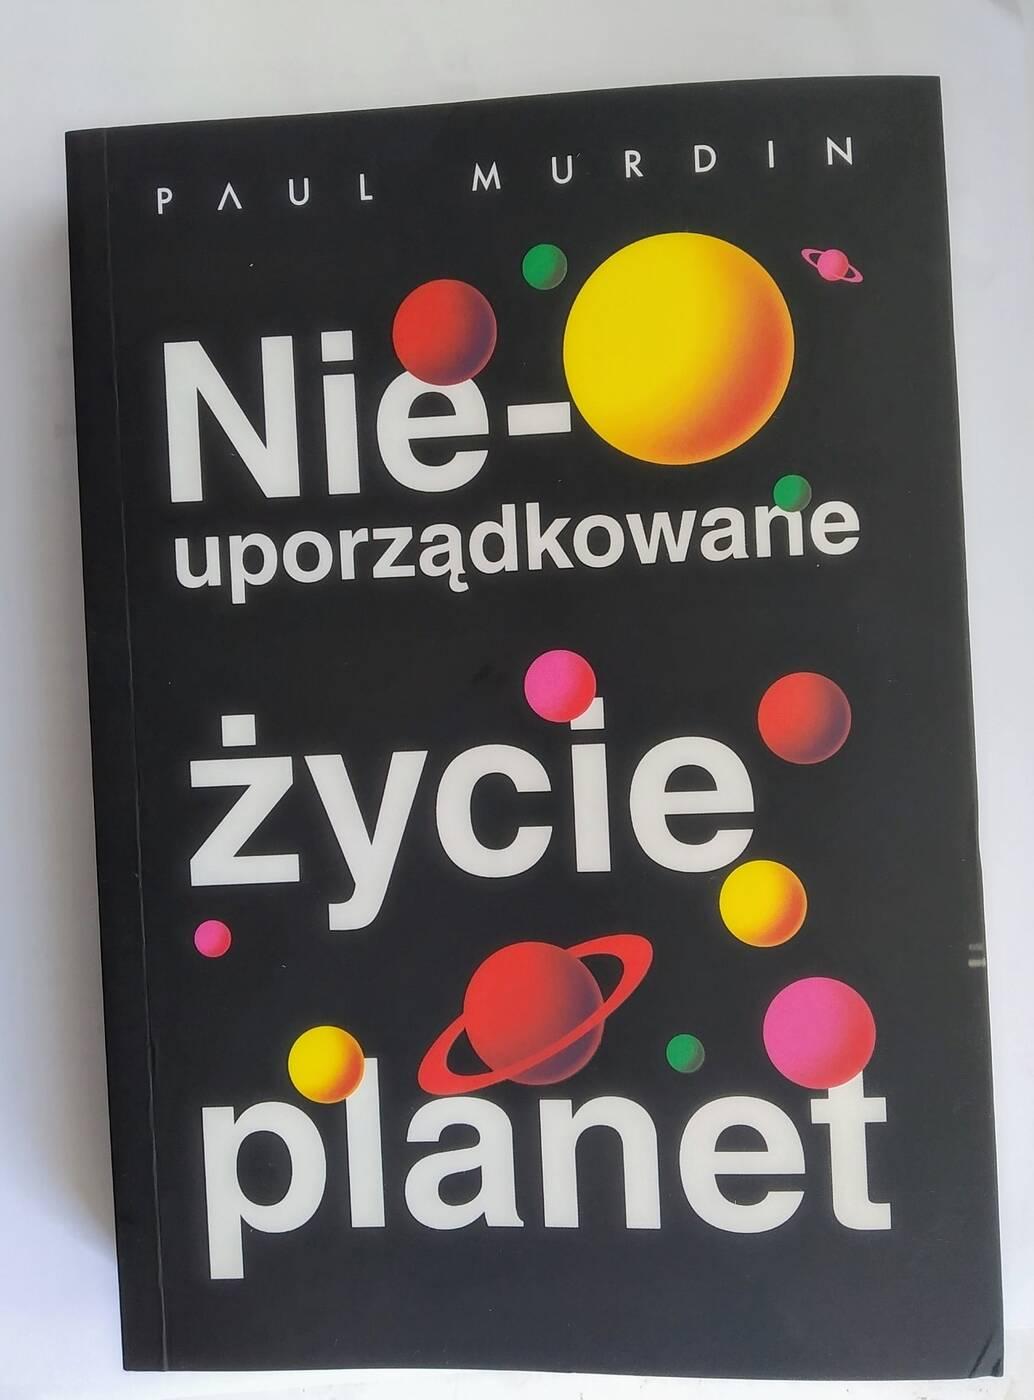 Nieuporządkowane życie planet – recenzja książki P. Murdina, który próbuje uporządkować kosmos